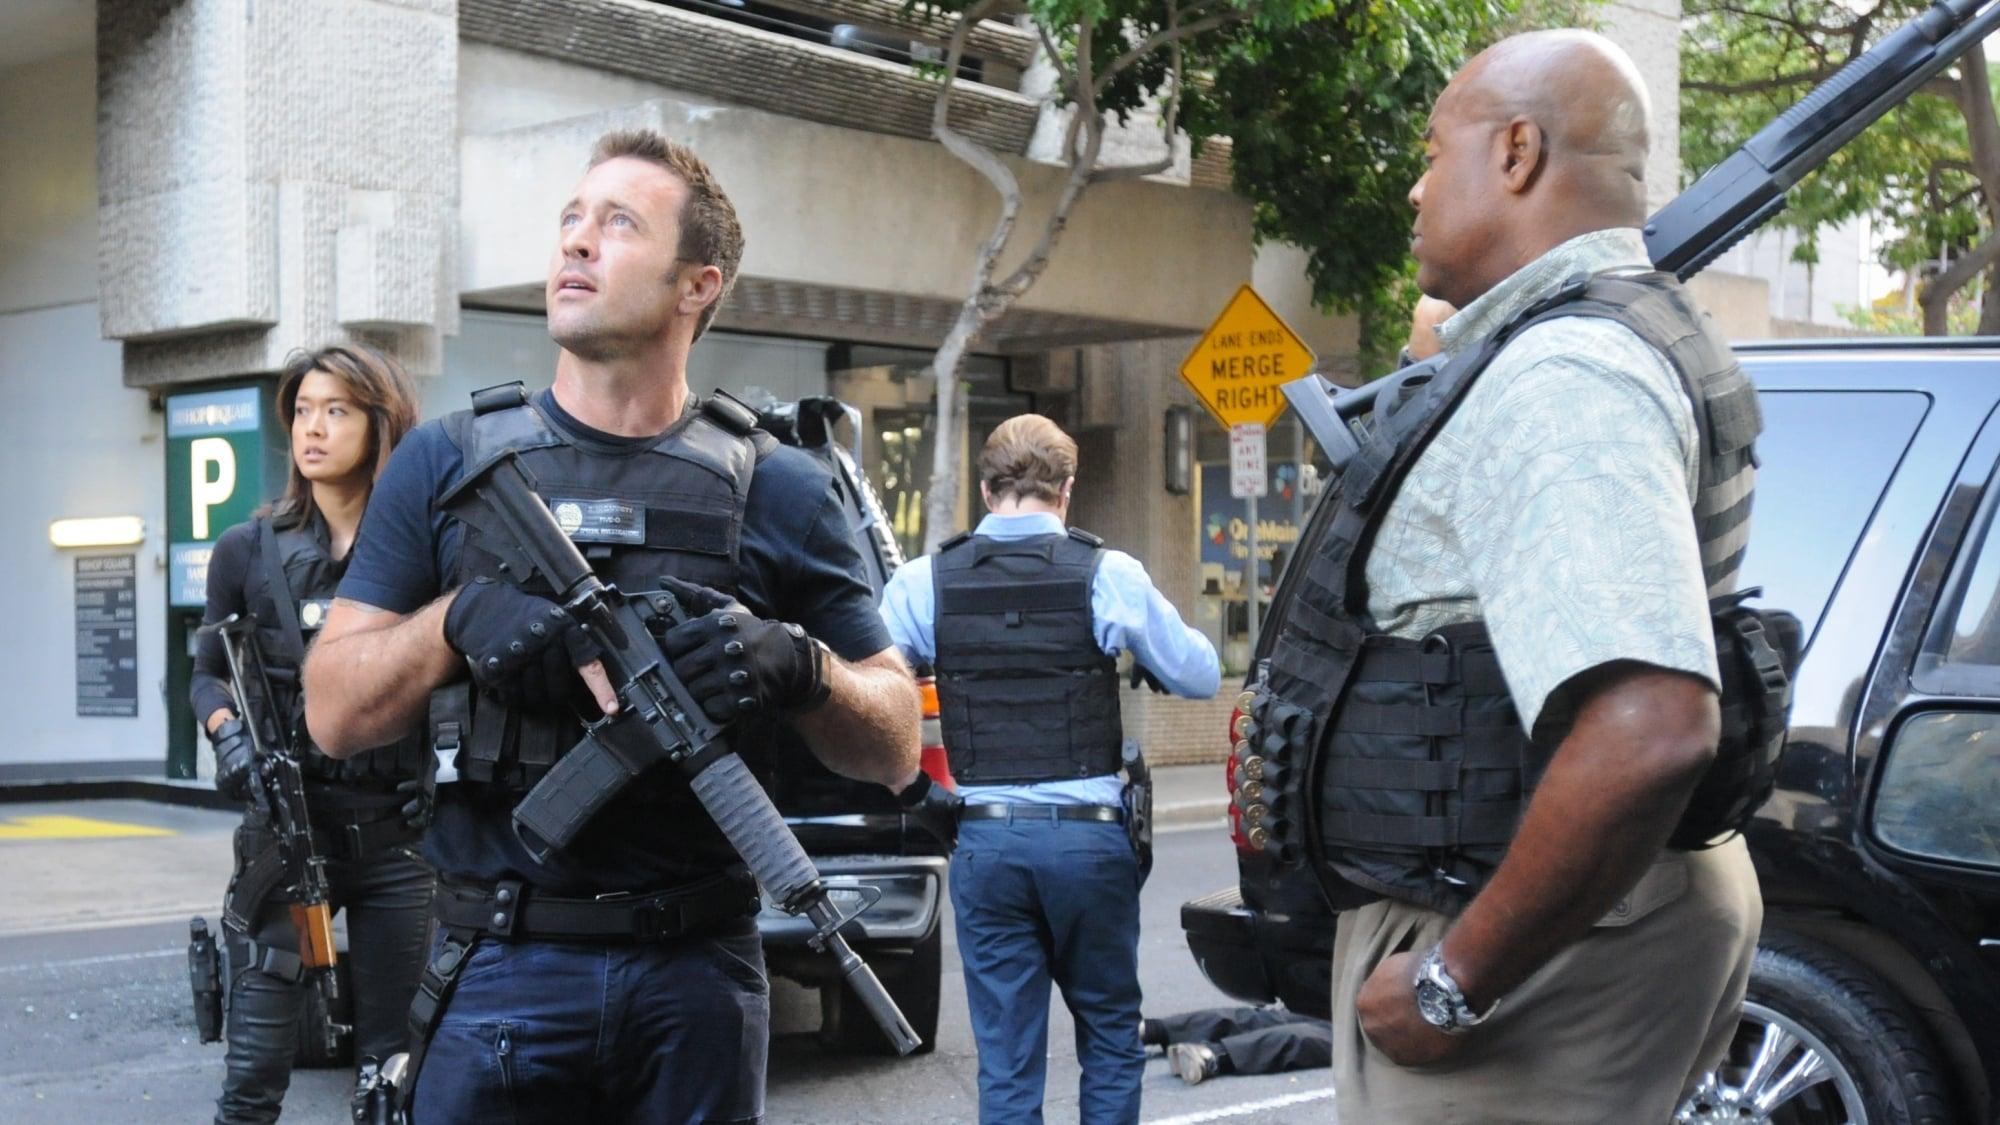 Hawaii Five-0 - Season 6 Episode 24 : Pa'a ka 'ipuka i ka 'upena nananana (The Entrance is Stopped with a Spider's Web)